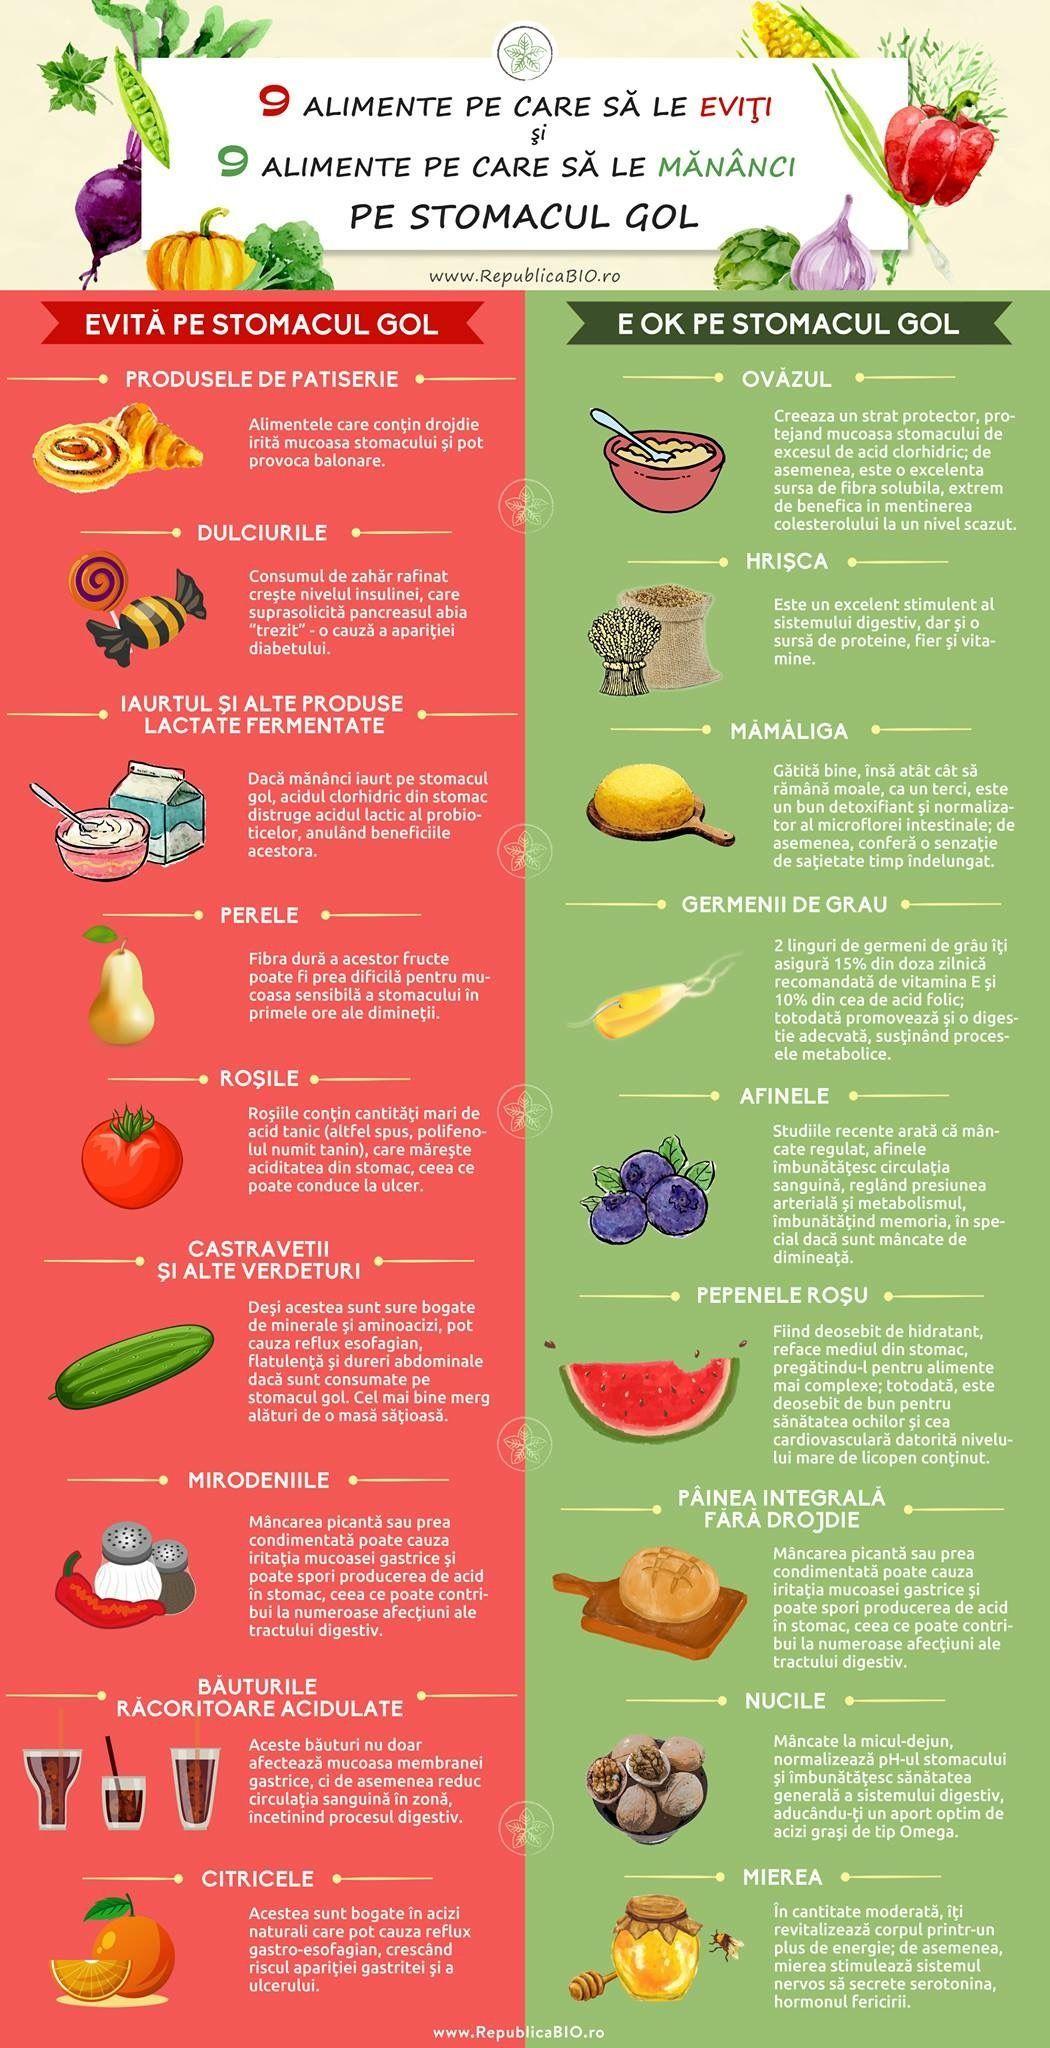 ce putem mânca pentru pierderea în greutate)